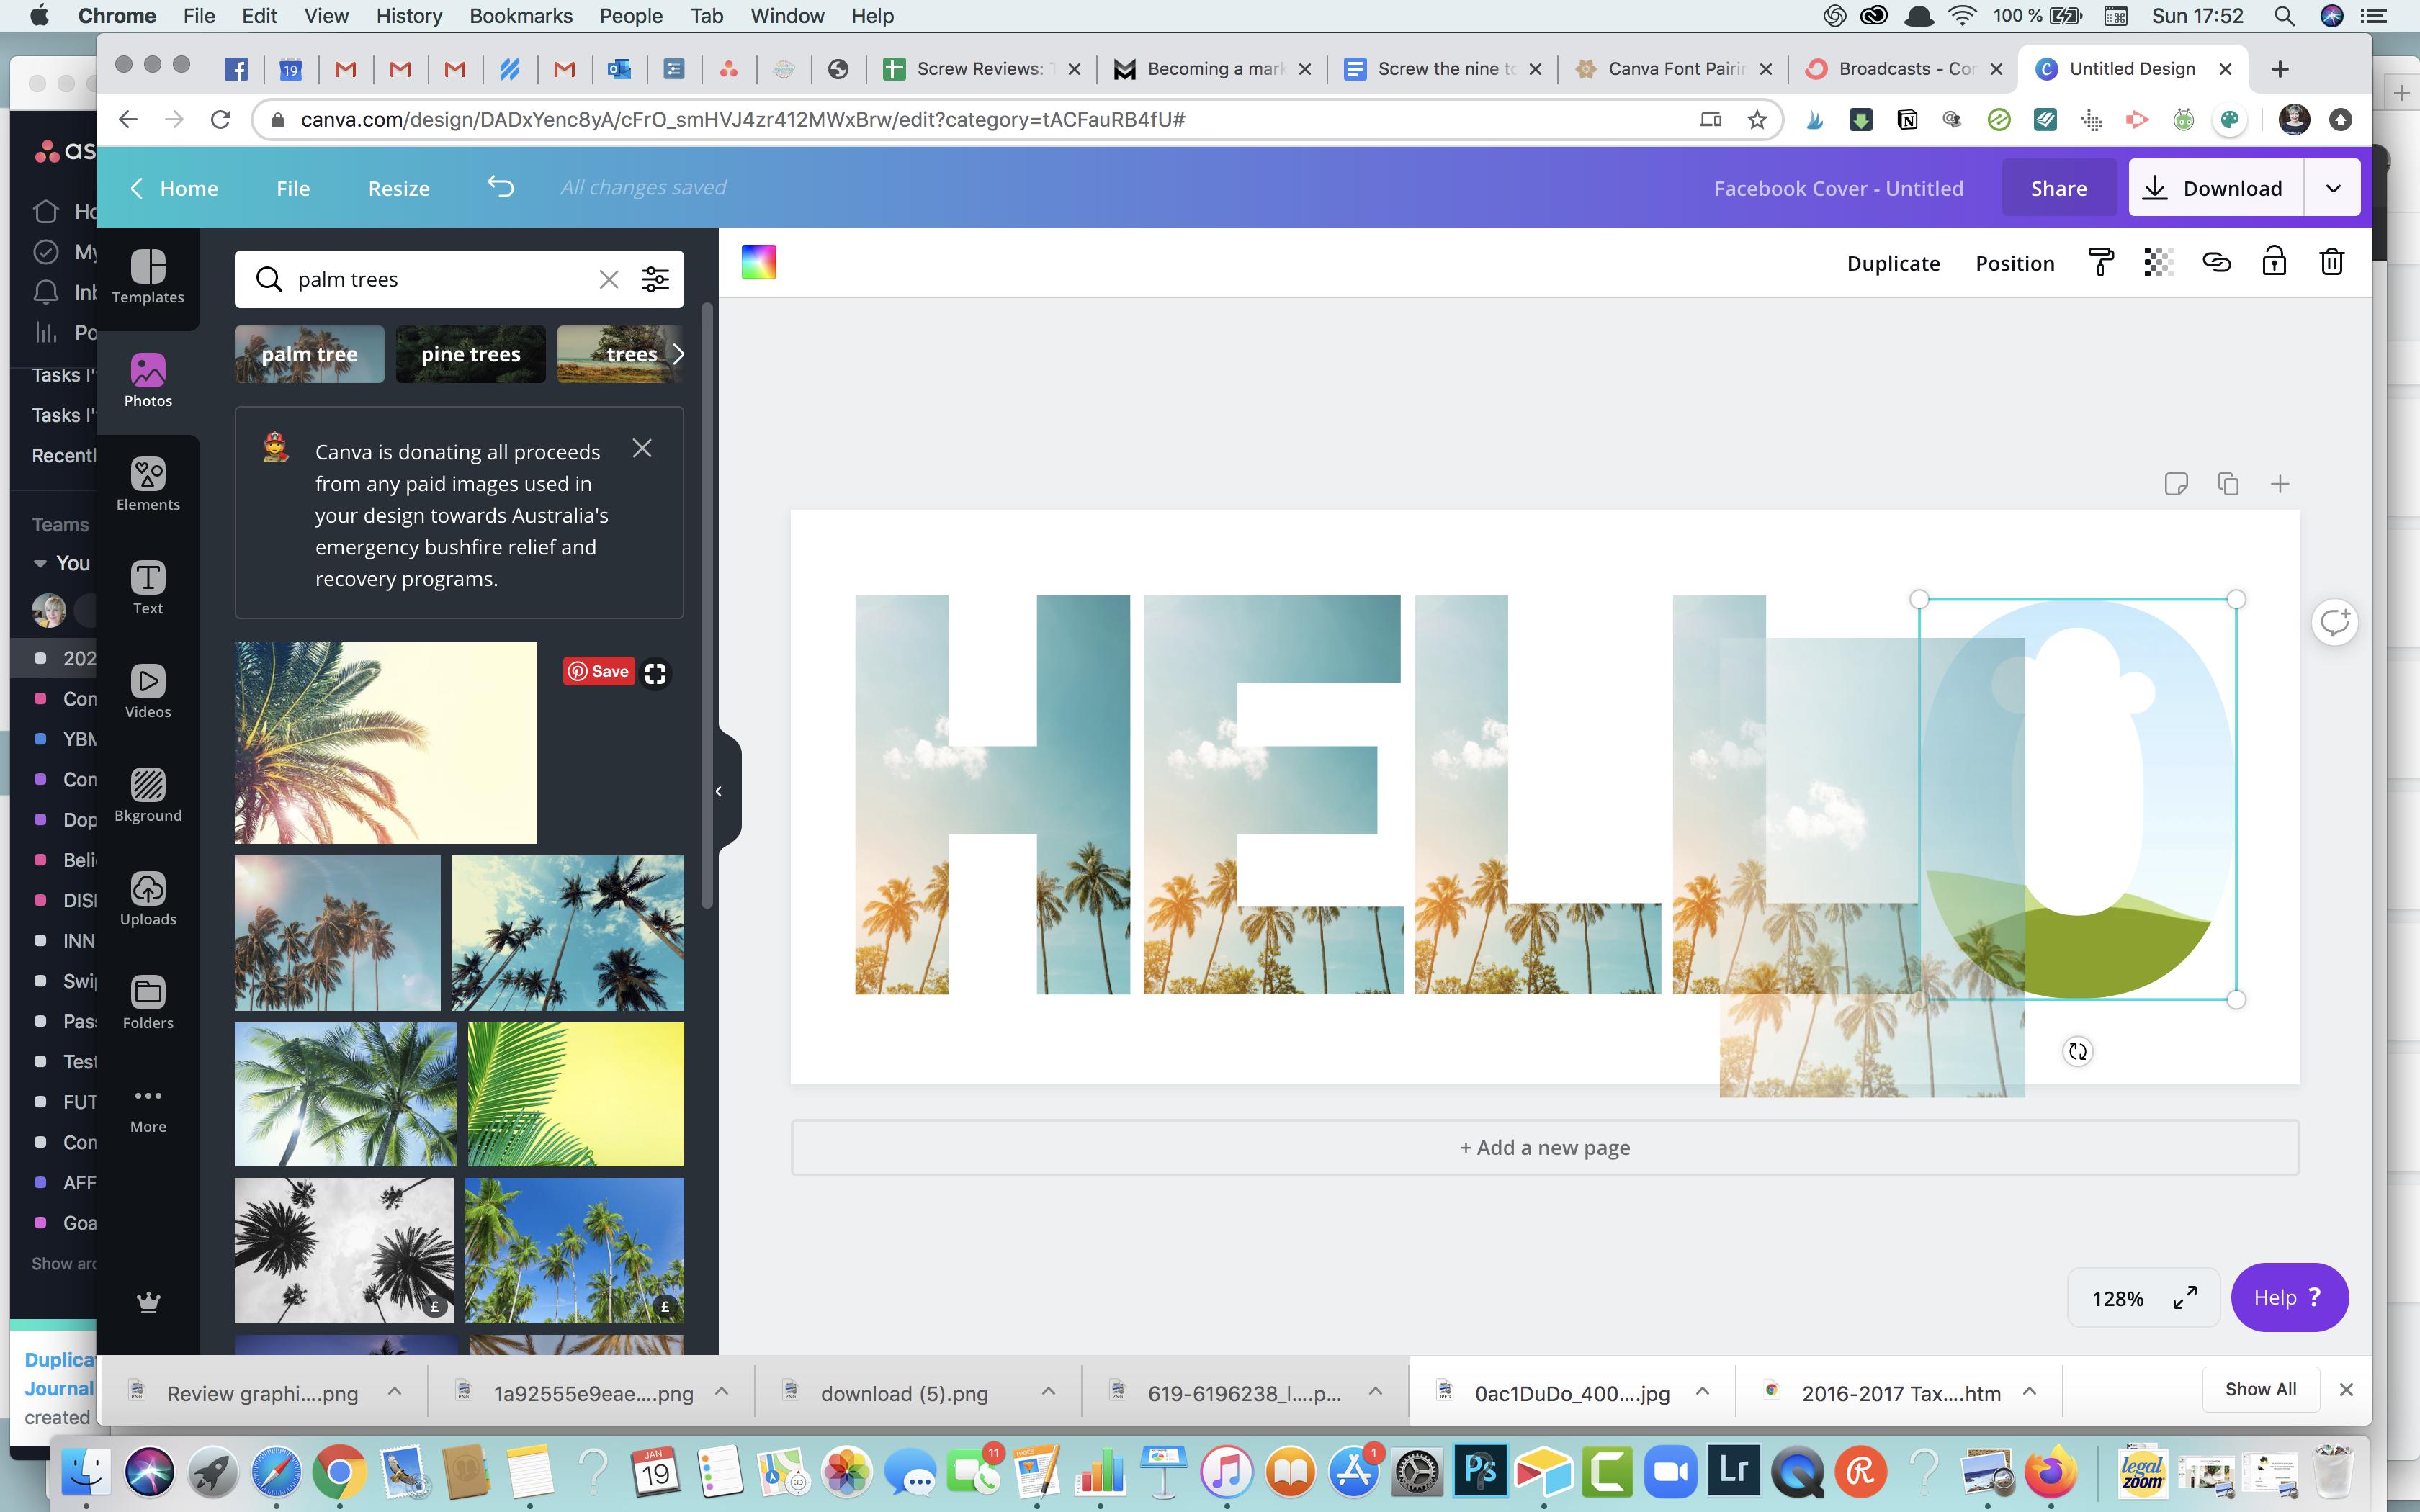 16 лайфхаків для сервісу Canva, які спростять життя дизайнеру - tech, porady, news